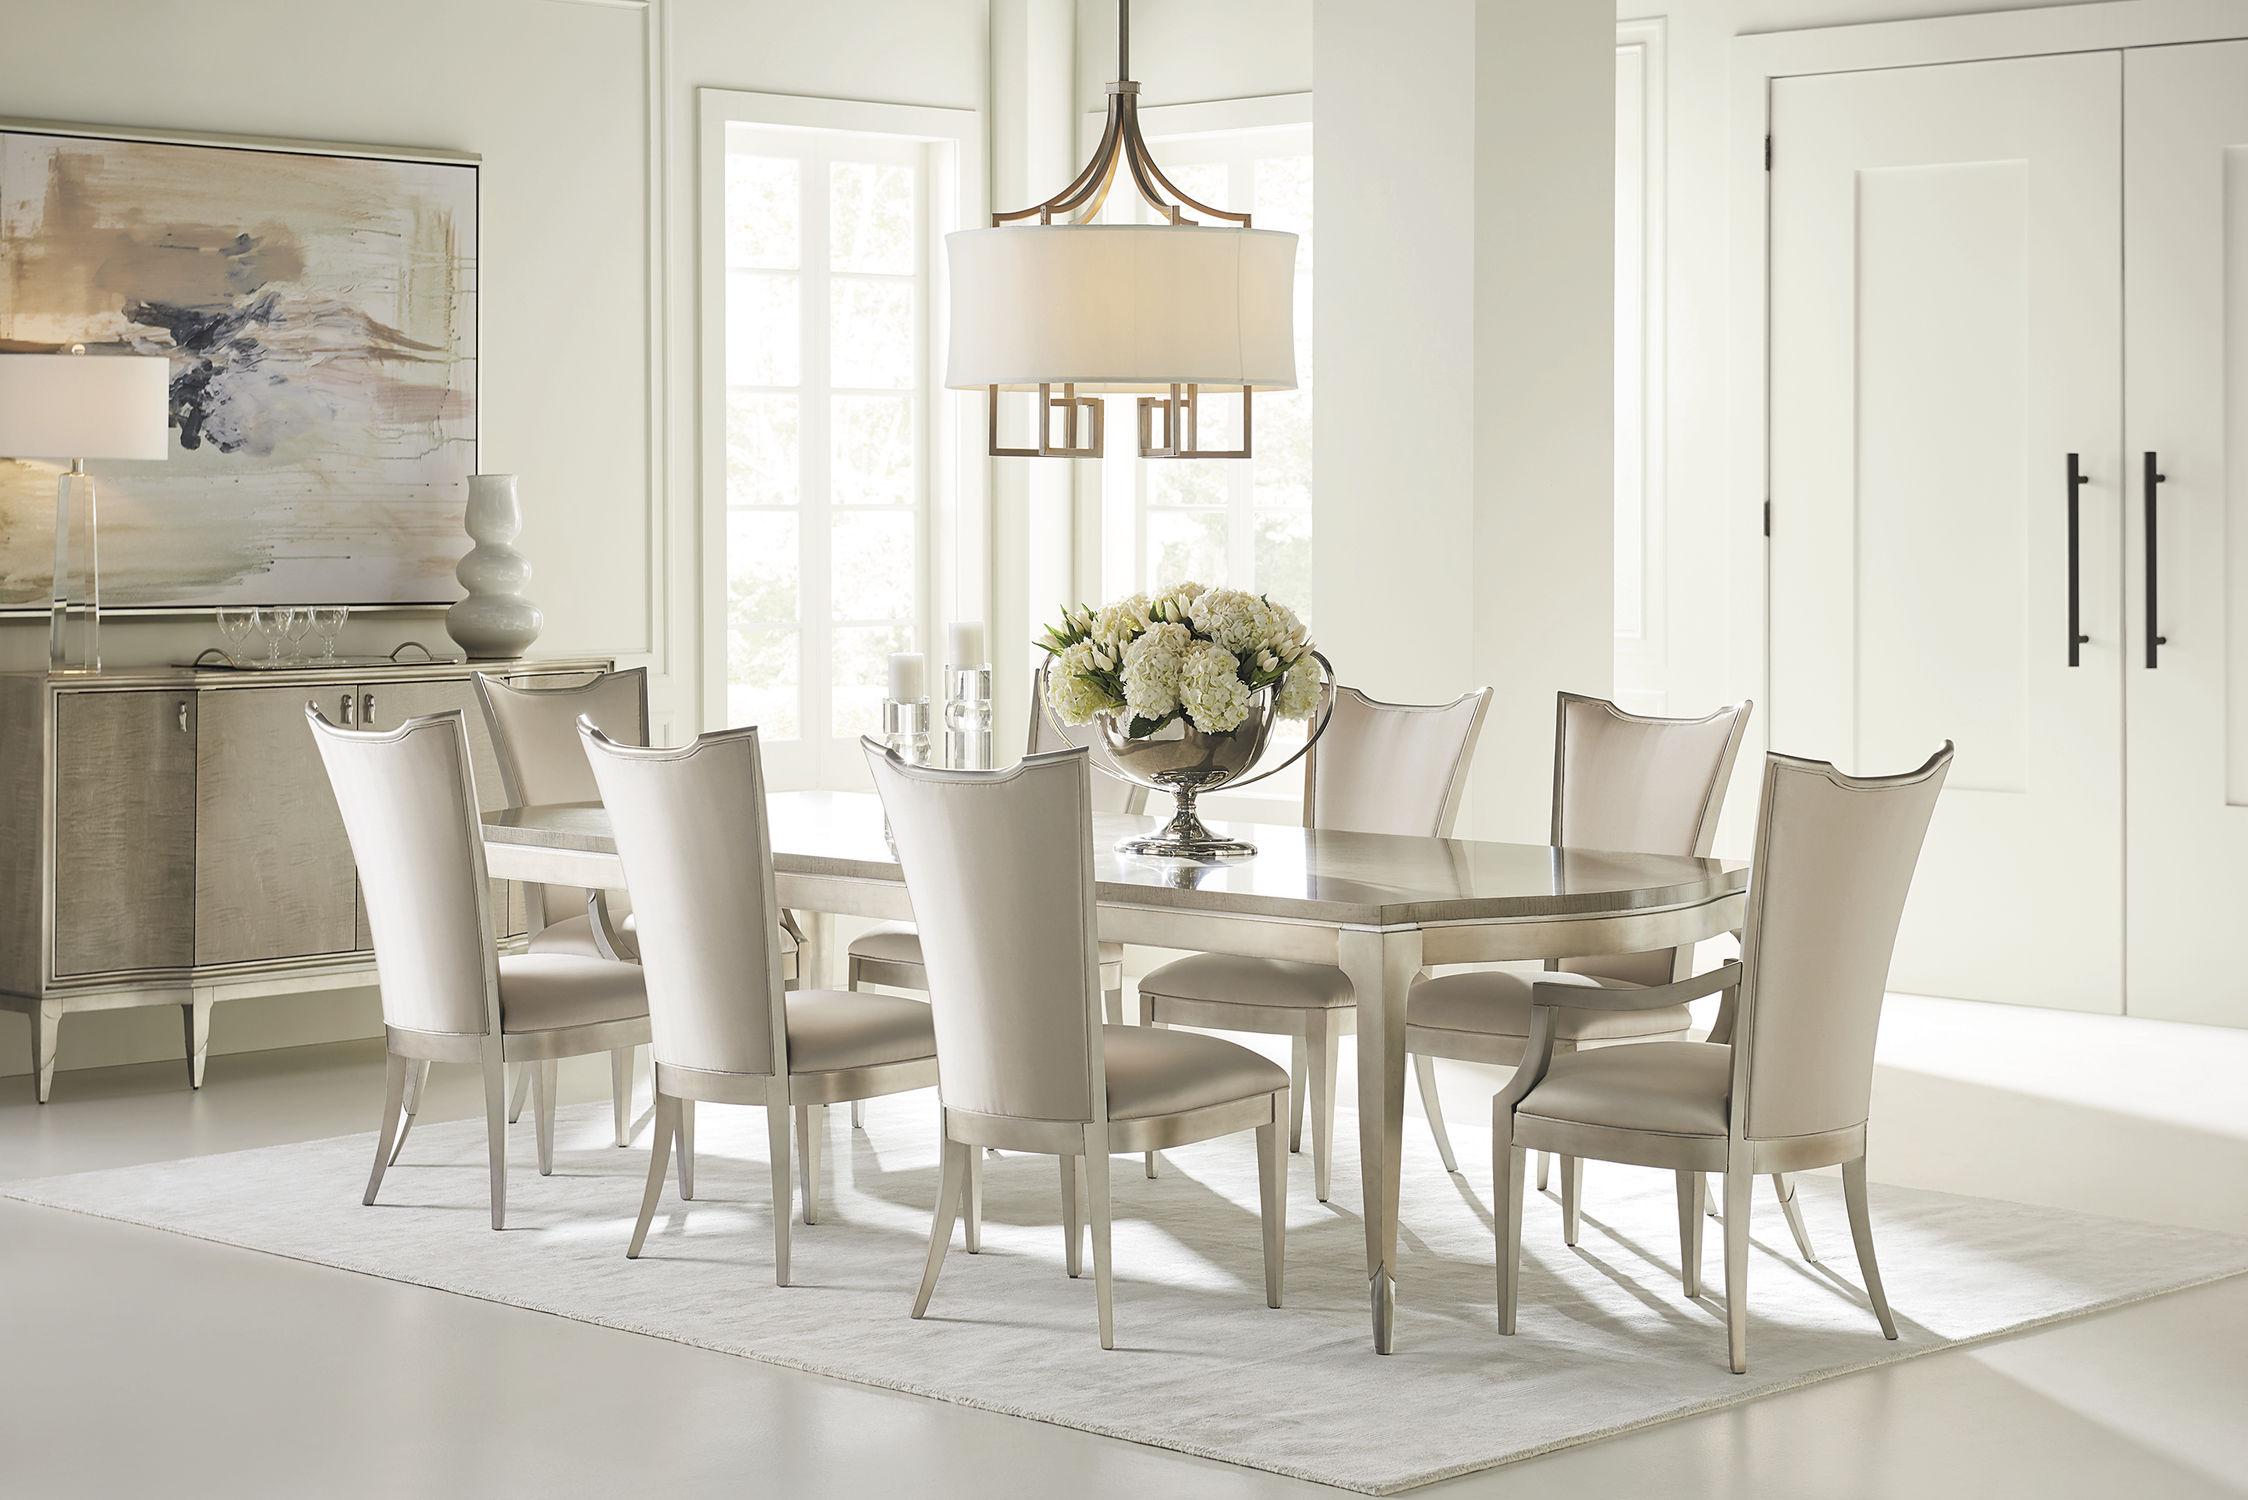 salle classique VERY tapissée APPEALING standard CARACOLE avec accoudoirs de à piètement CARACOLE Chaise CLASSIC manger UzVpSLMGjq